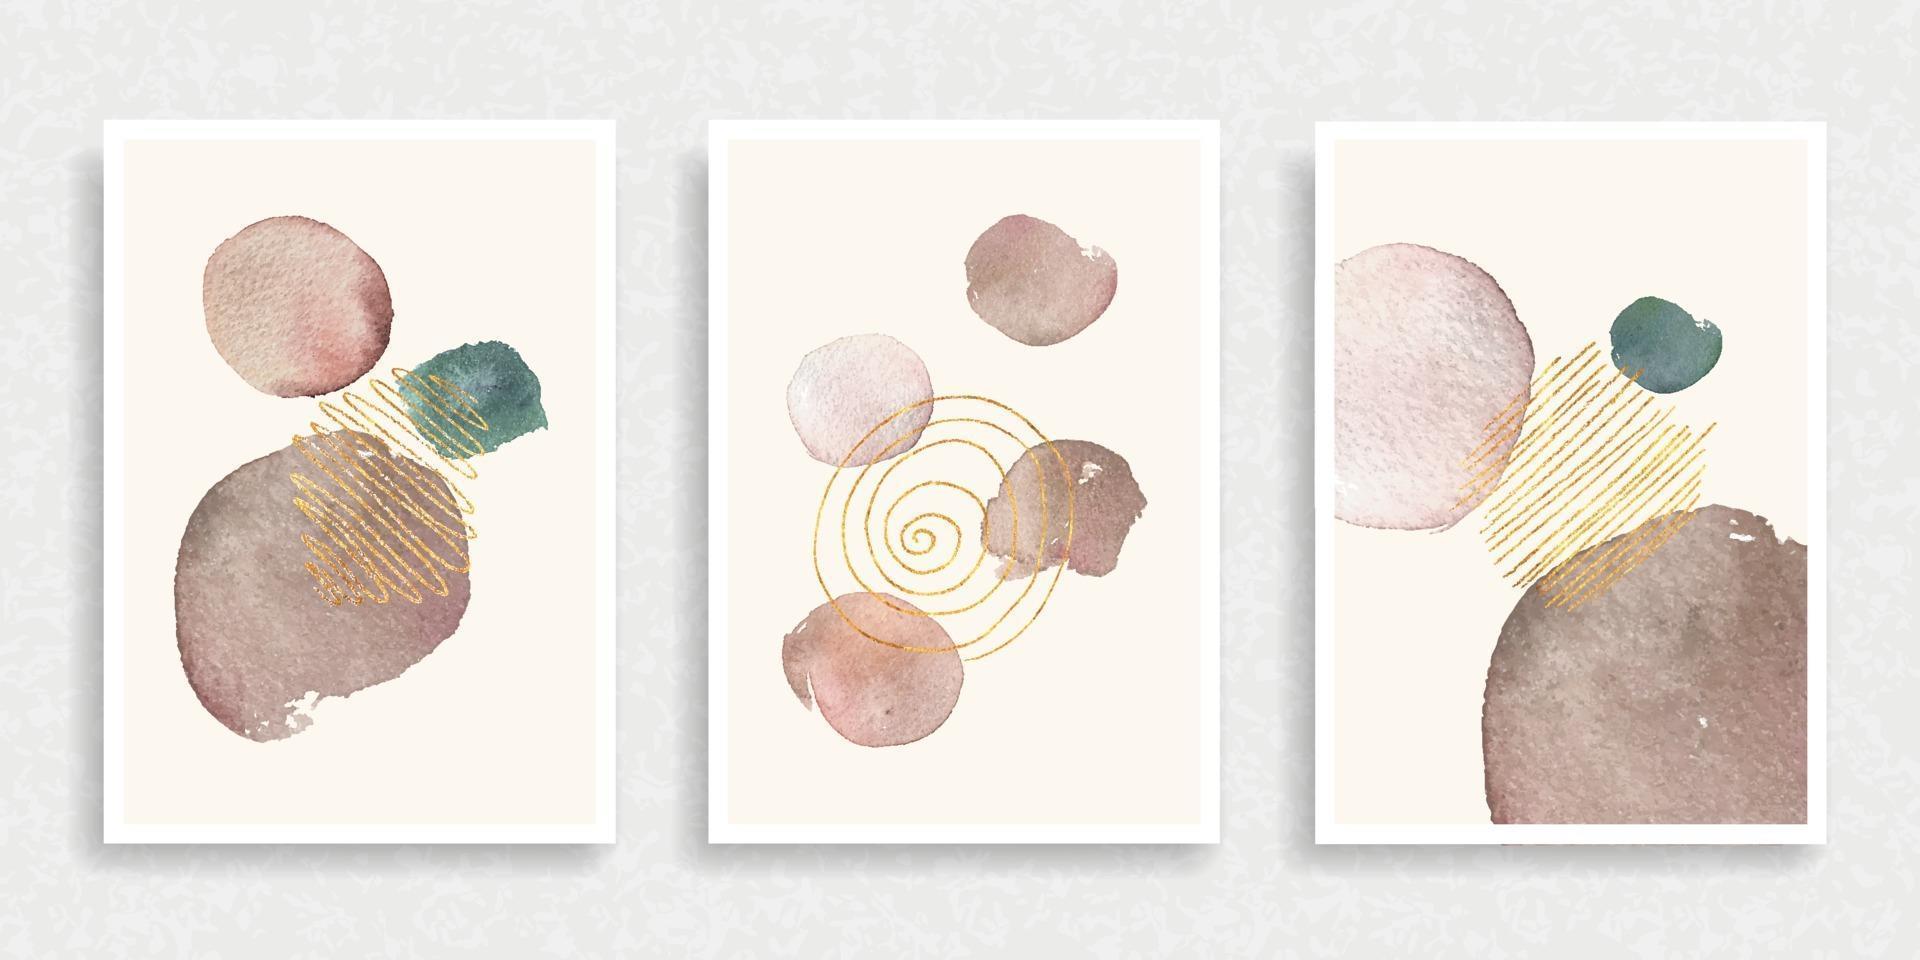 uppsättning av 3 kreativa minimalistiska handmålade illustrationer vektor